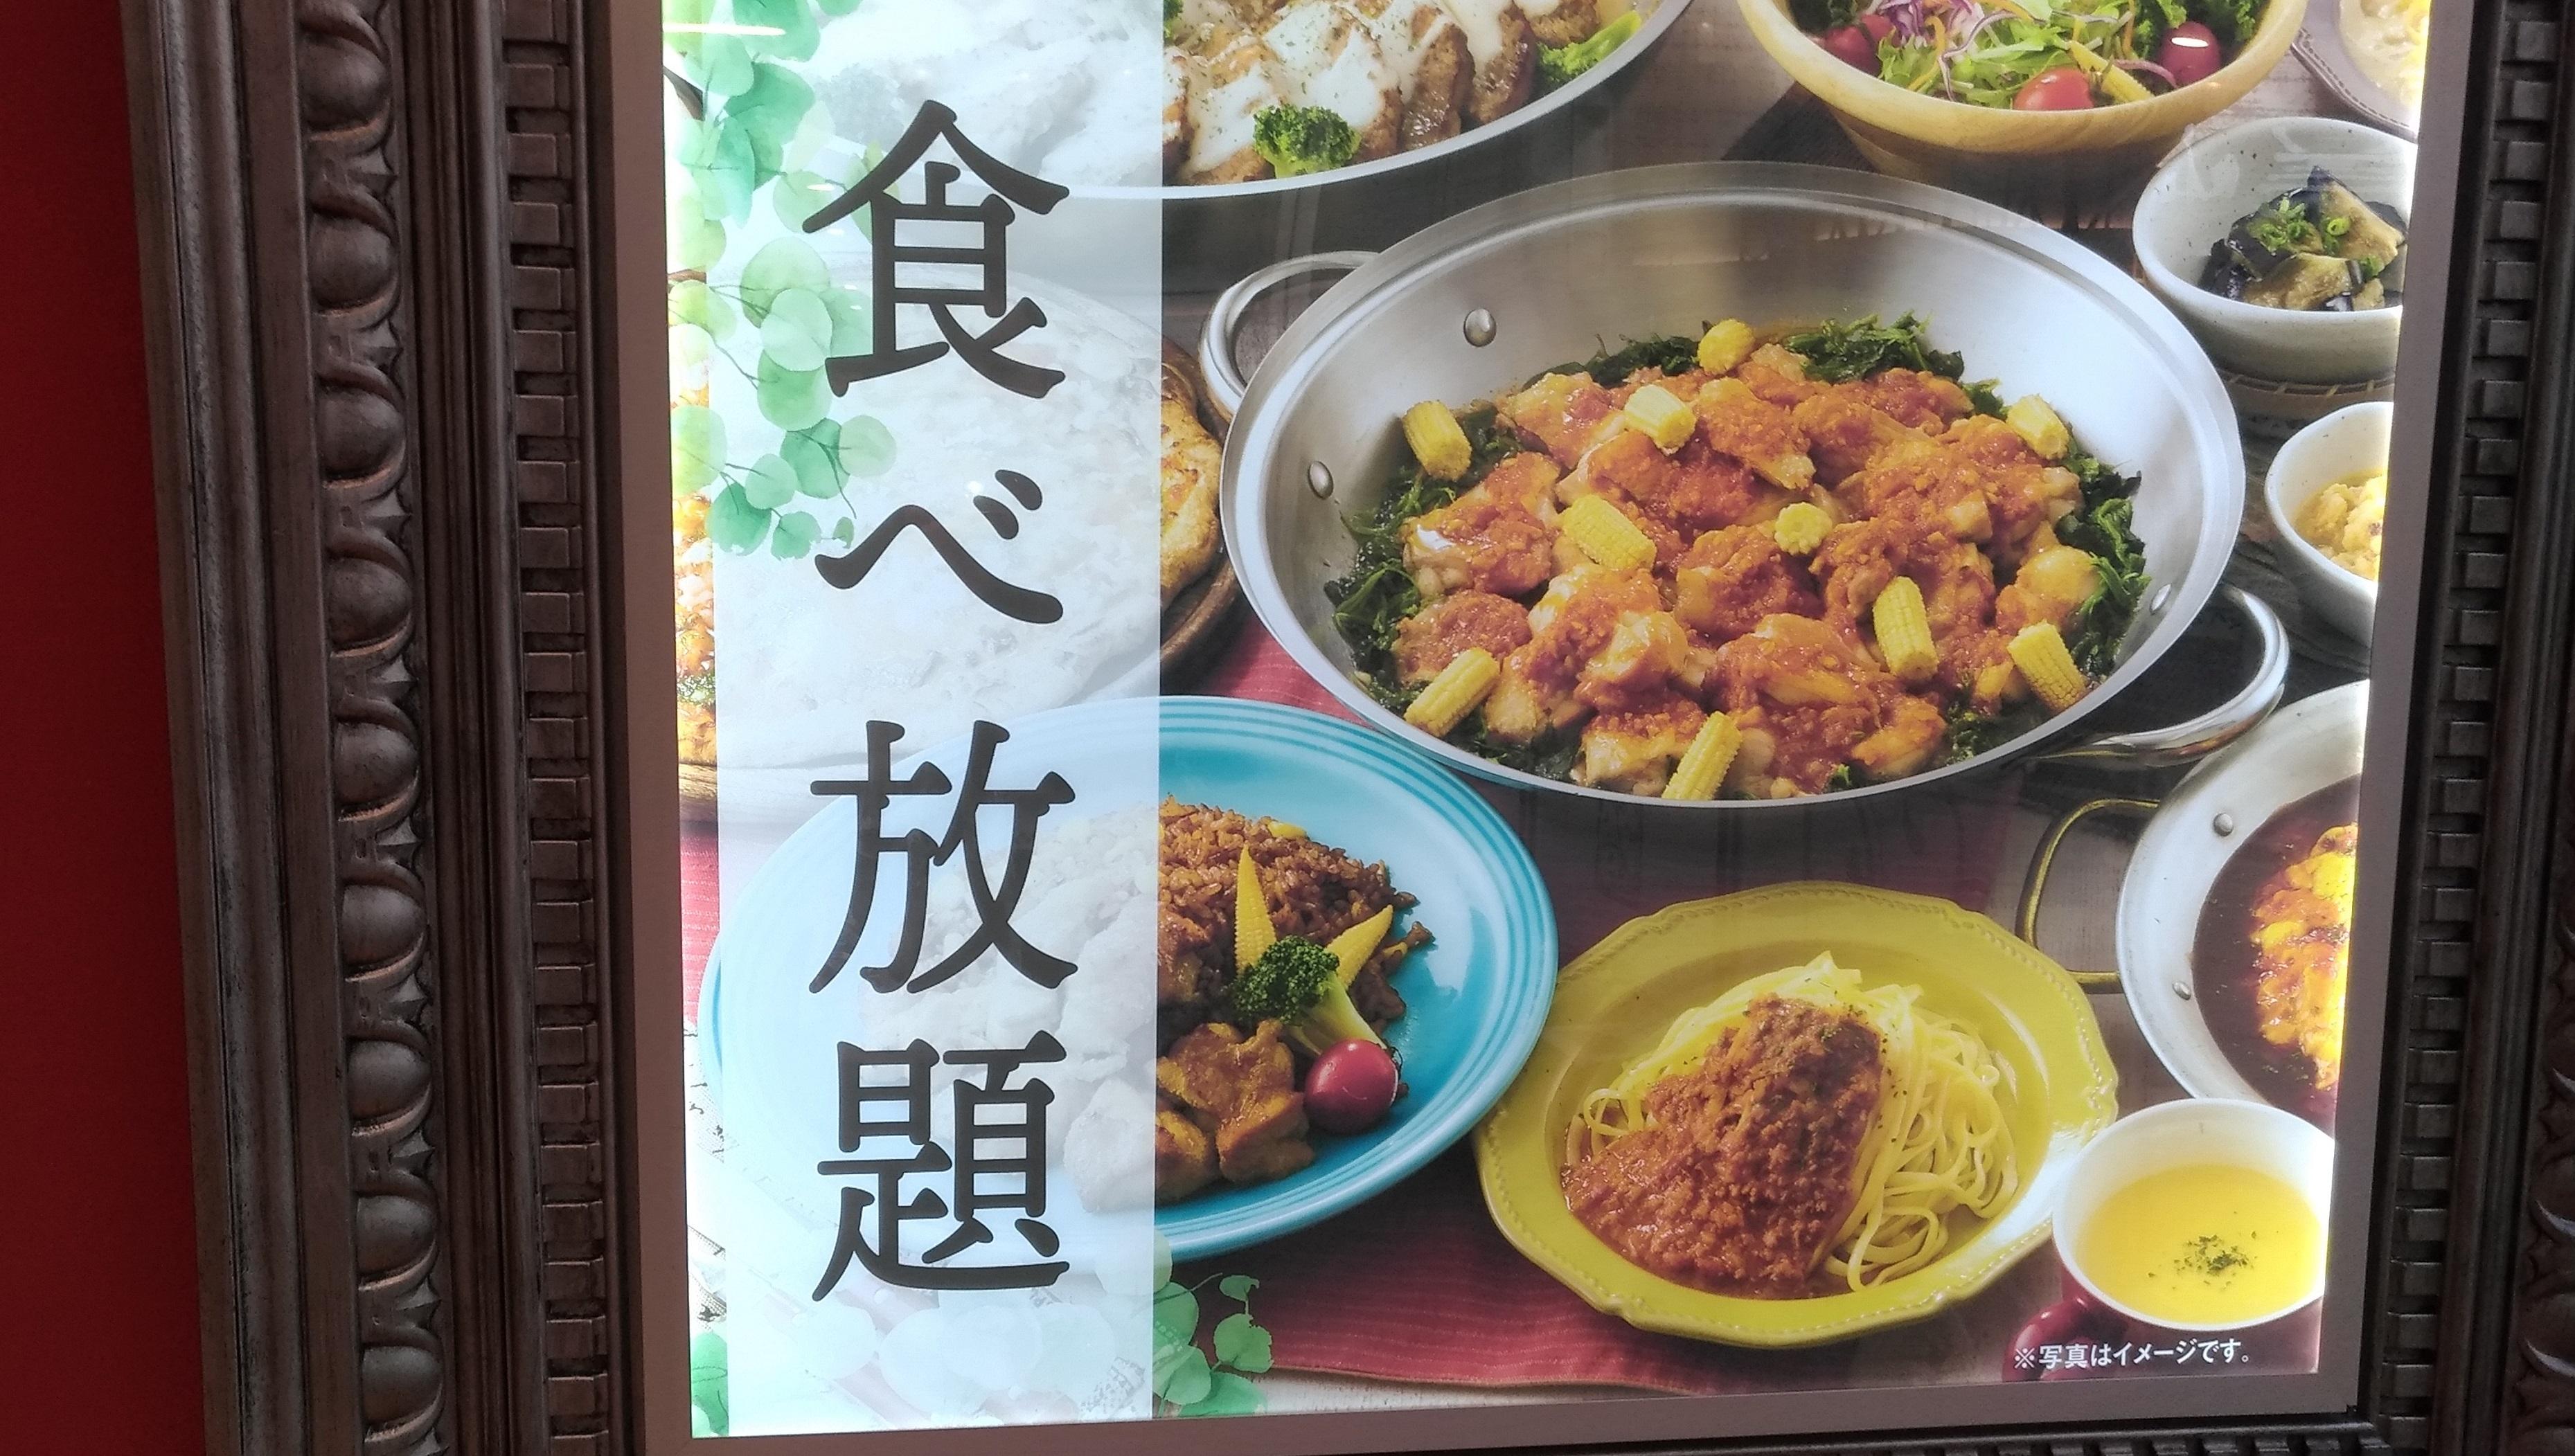 osaka_lunch_viking_1118_abeno_.jpg